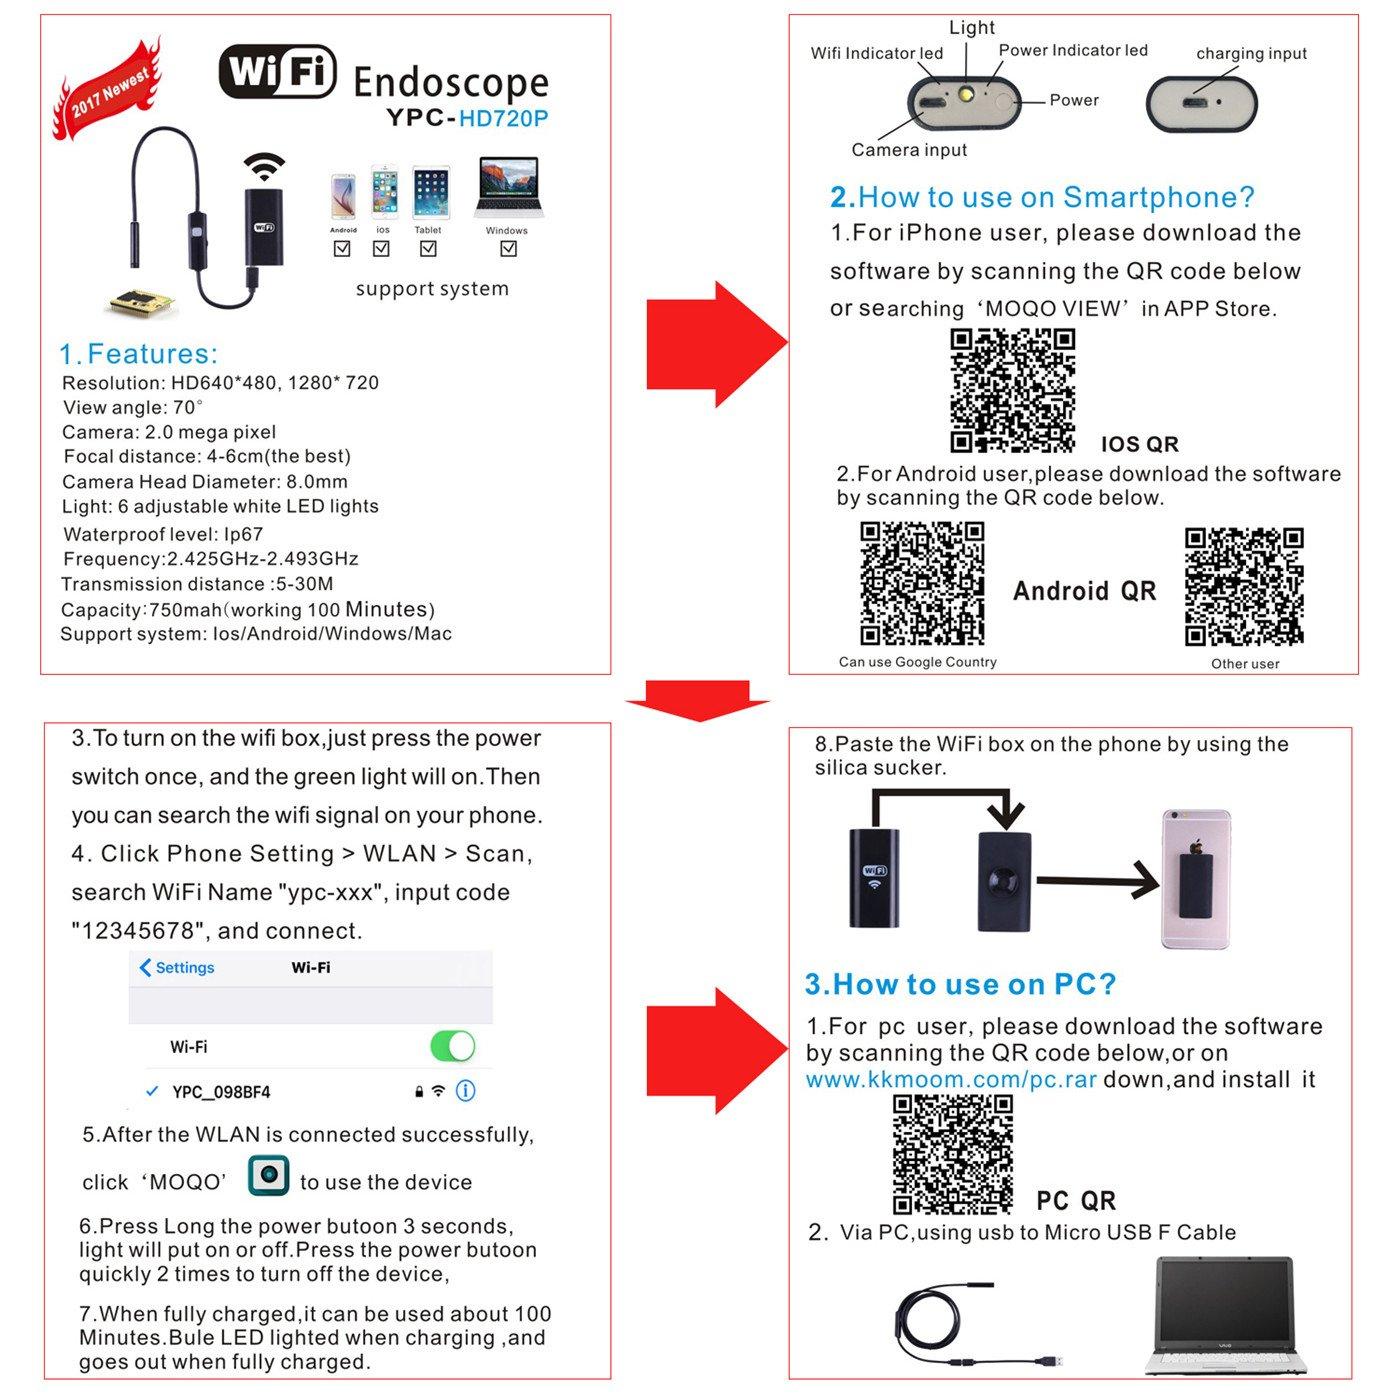 Kkmoom com/pc rar download | ™ pc rar Keyword Found Websites Listing